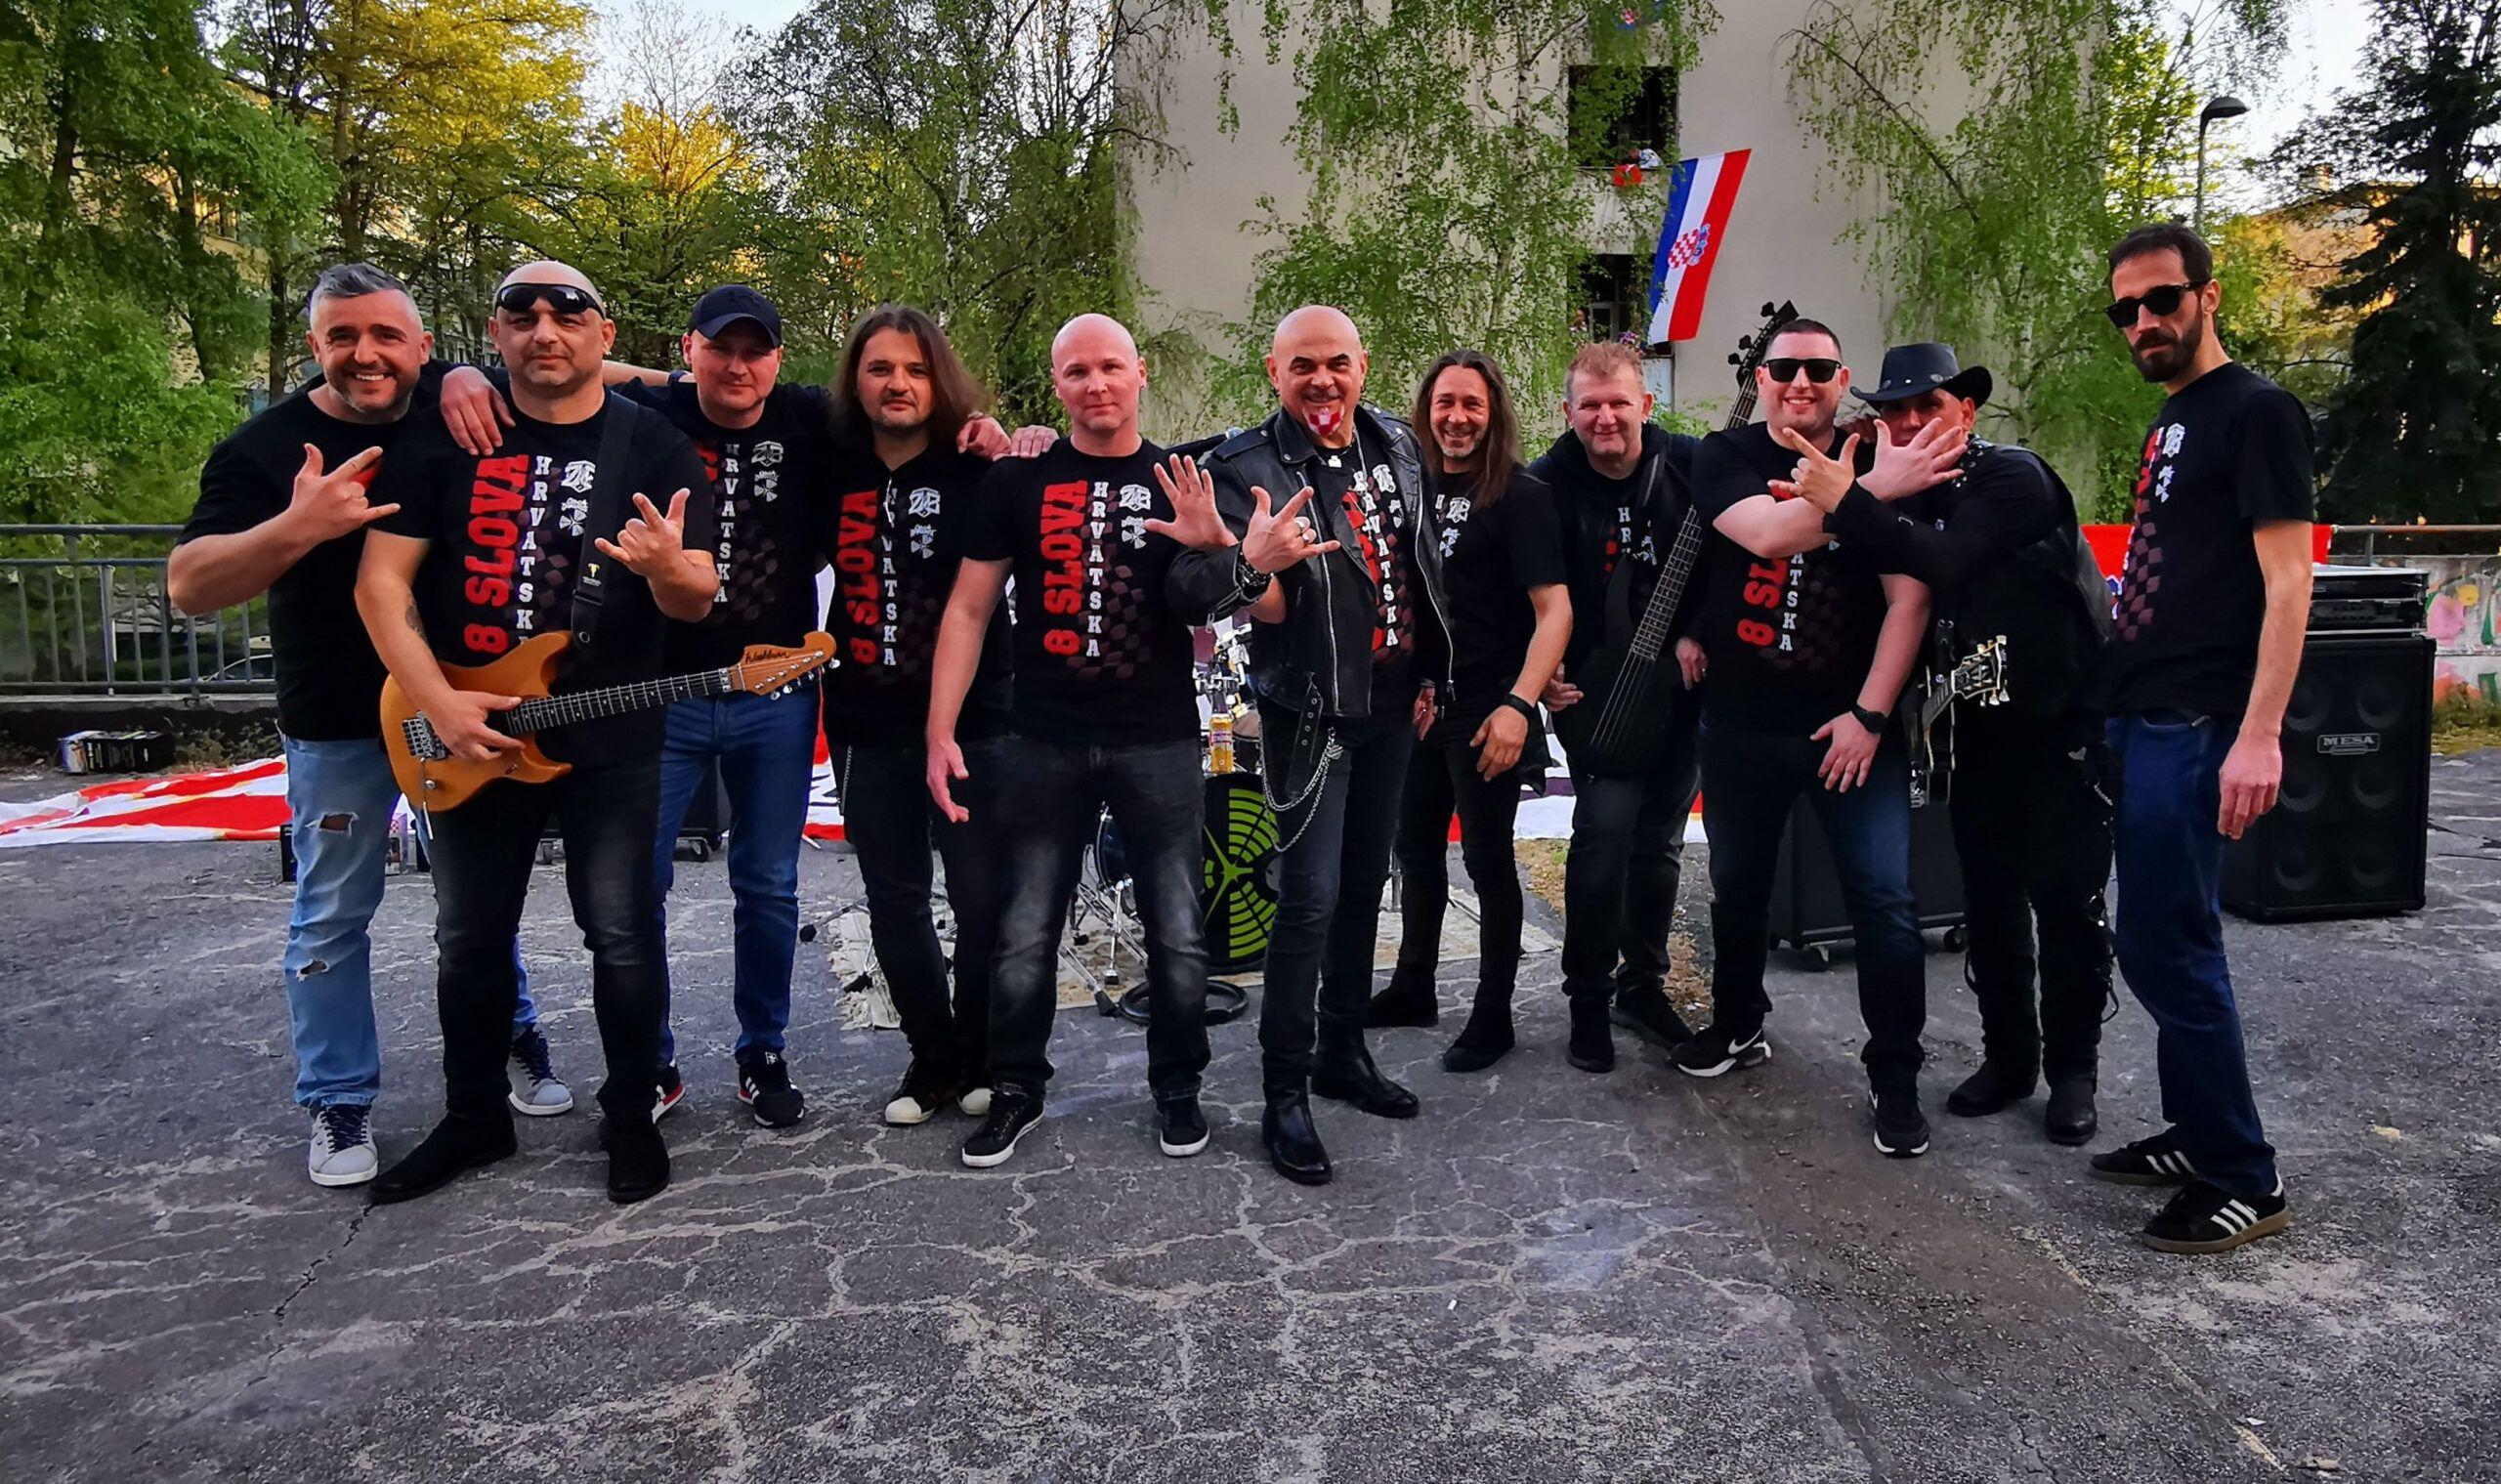 Grupa Zaprešić Boys uoči Eura 2021 udružili snage s Općom Opasnosti u hit singlu '8 slova'